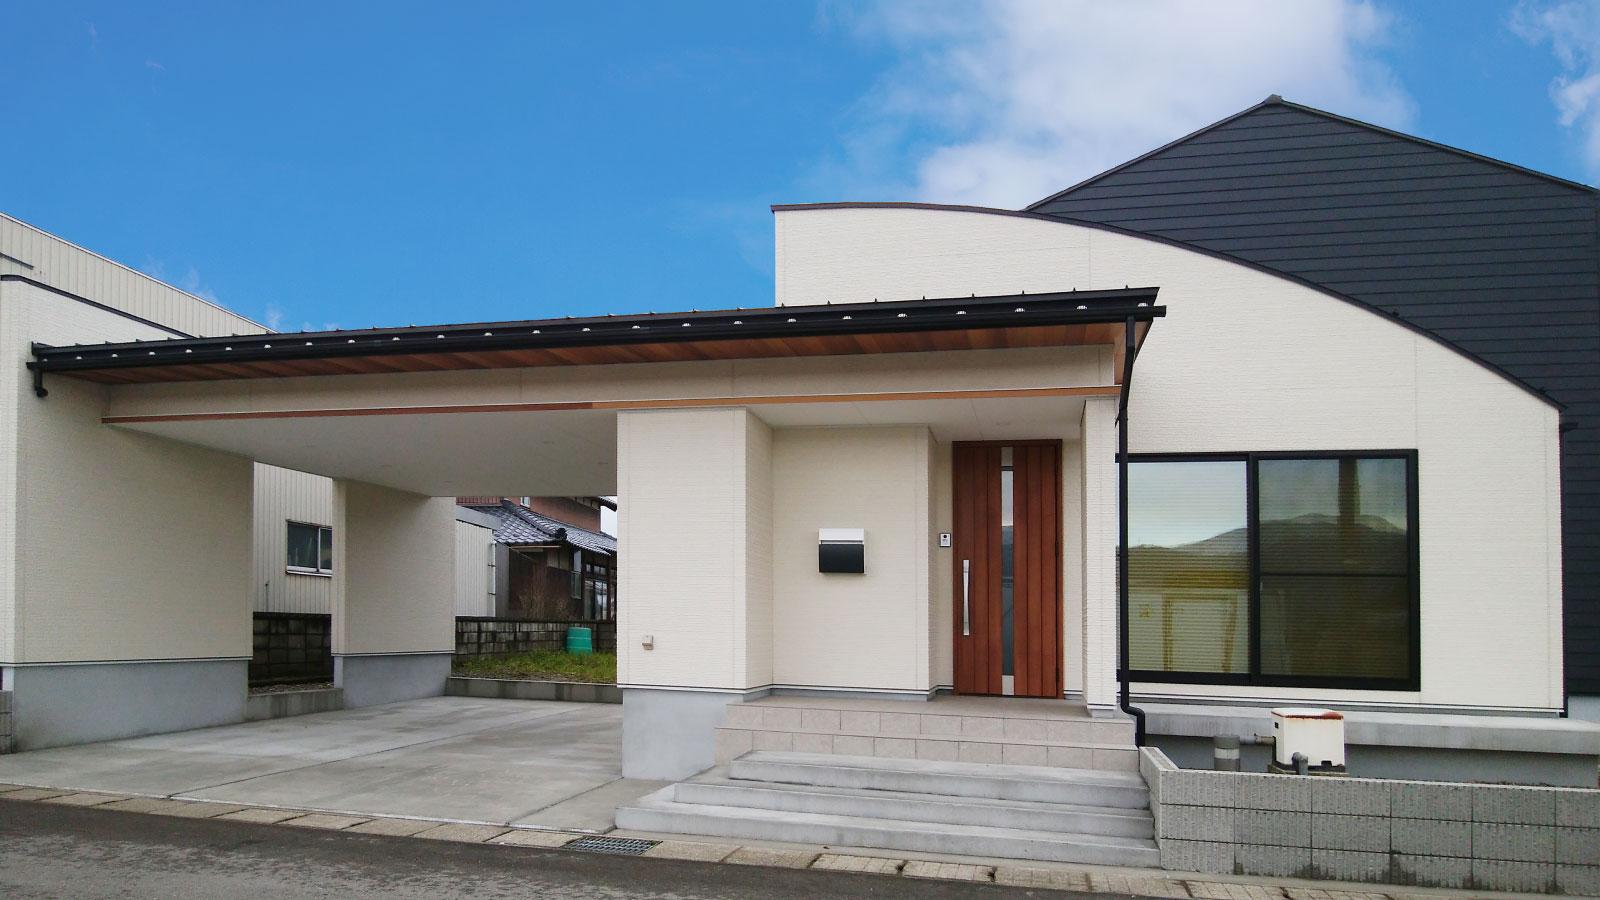 福井で住宅の新築・リフォームならHIRO企画へ